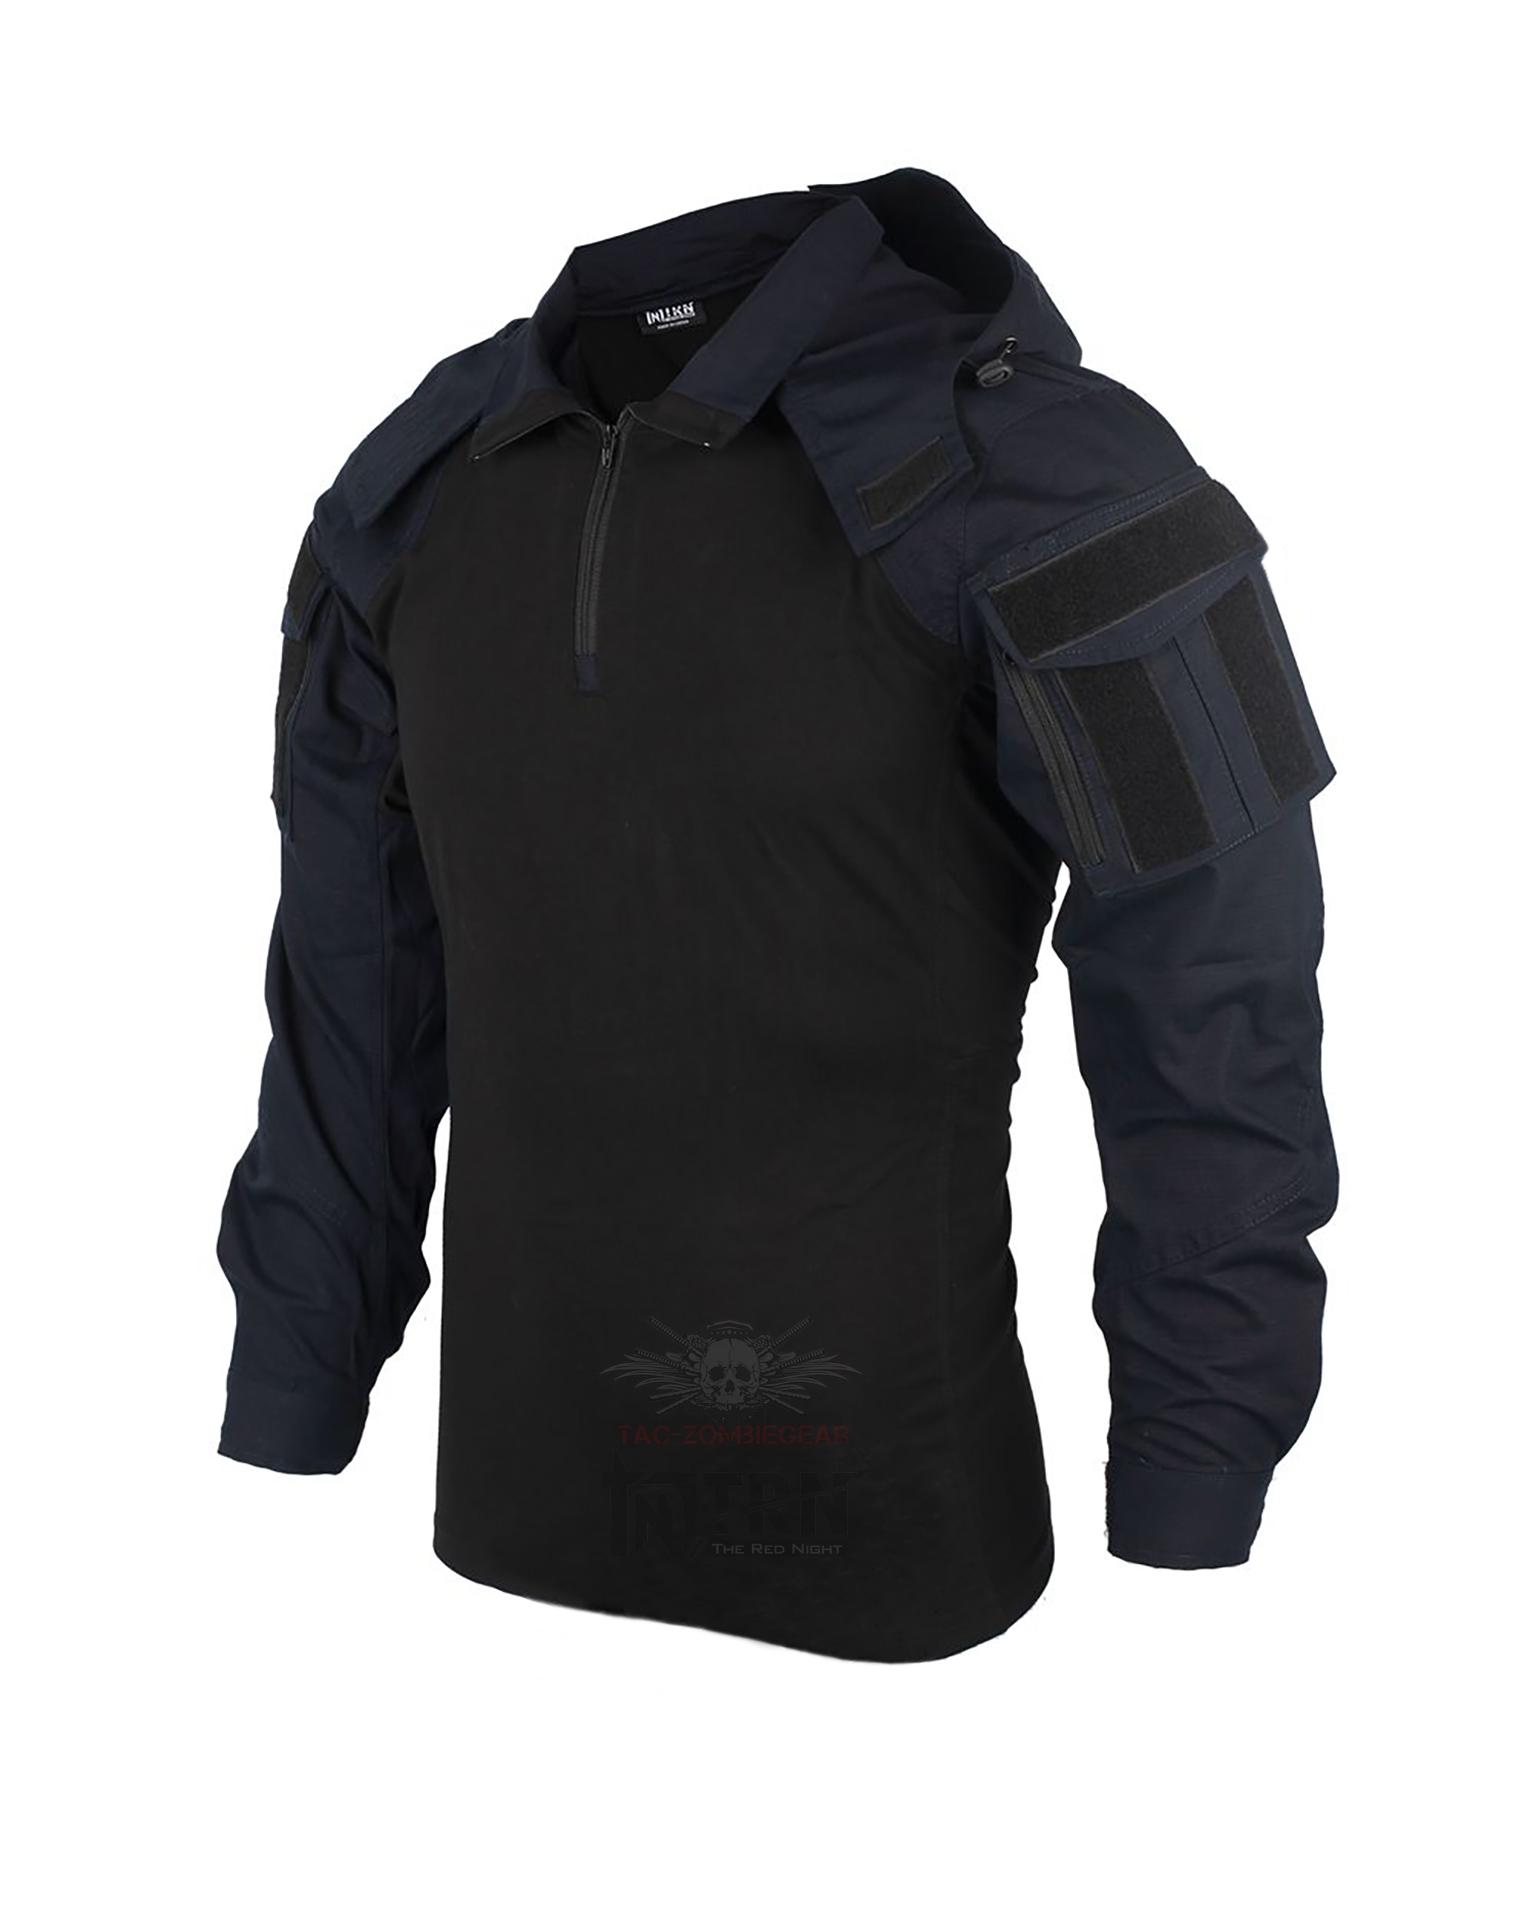 脱着可能 フード付きコンバットシャツ 2020モデル SP2 超安い フード付き カスタム 日本正規品 コンバットシャツ 男女兼用 ポリスブルー